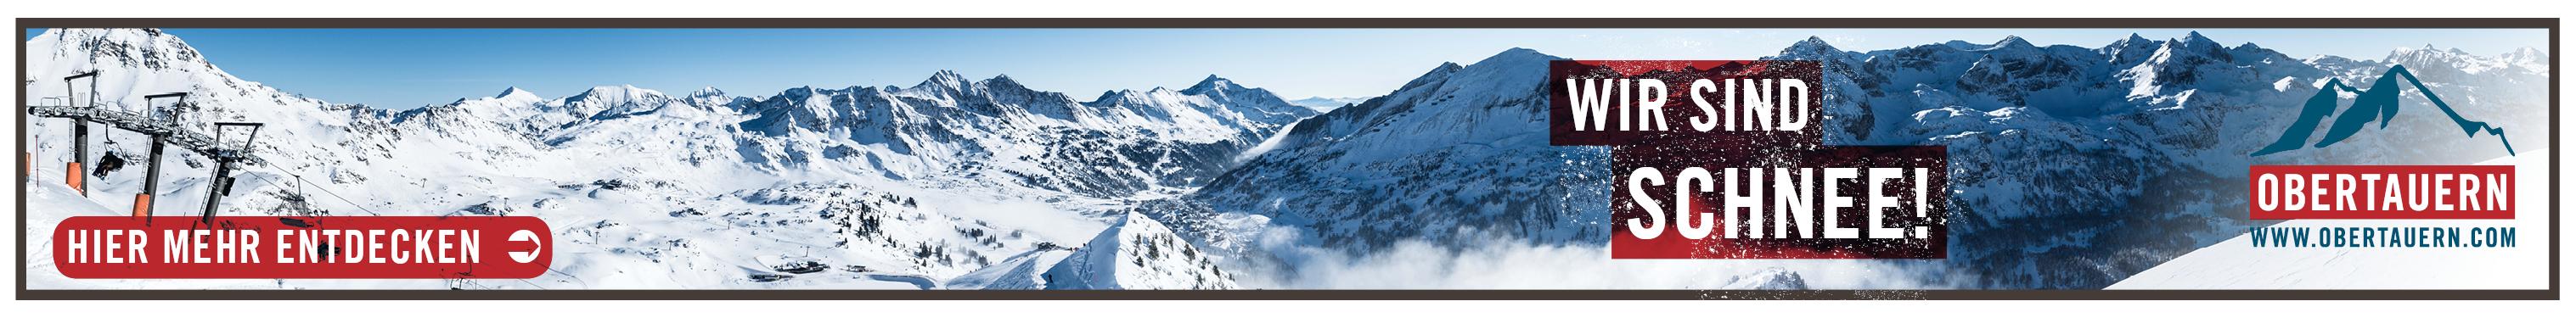 Winterspaß in der Region Obertauern – jetzt entdecken!